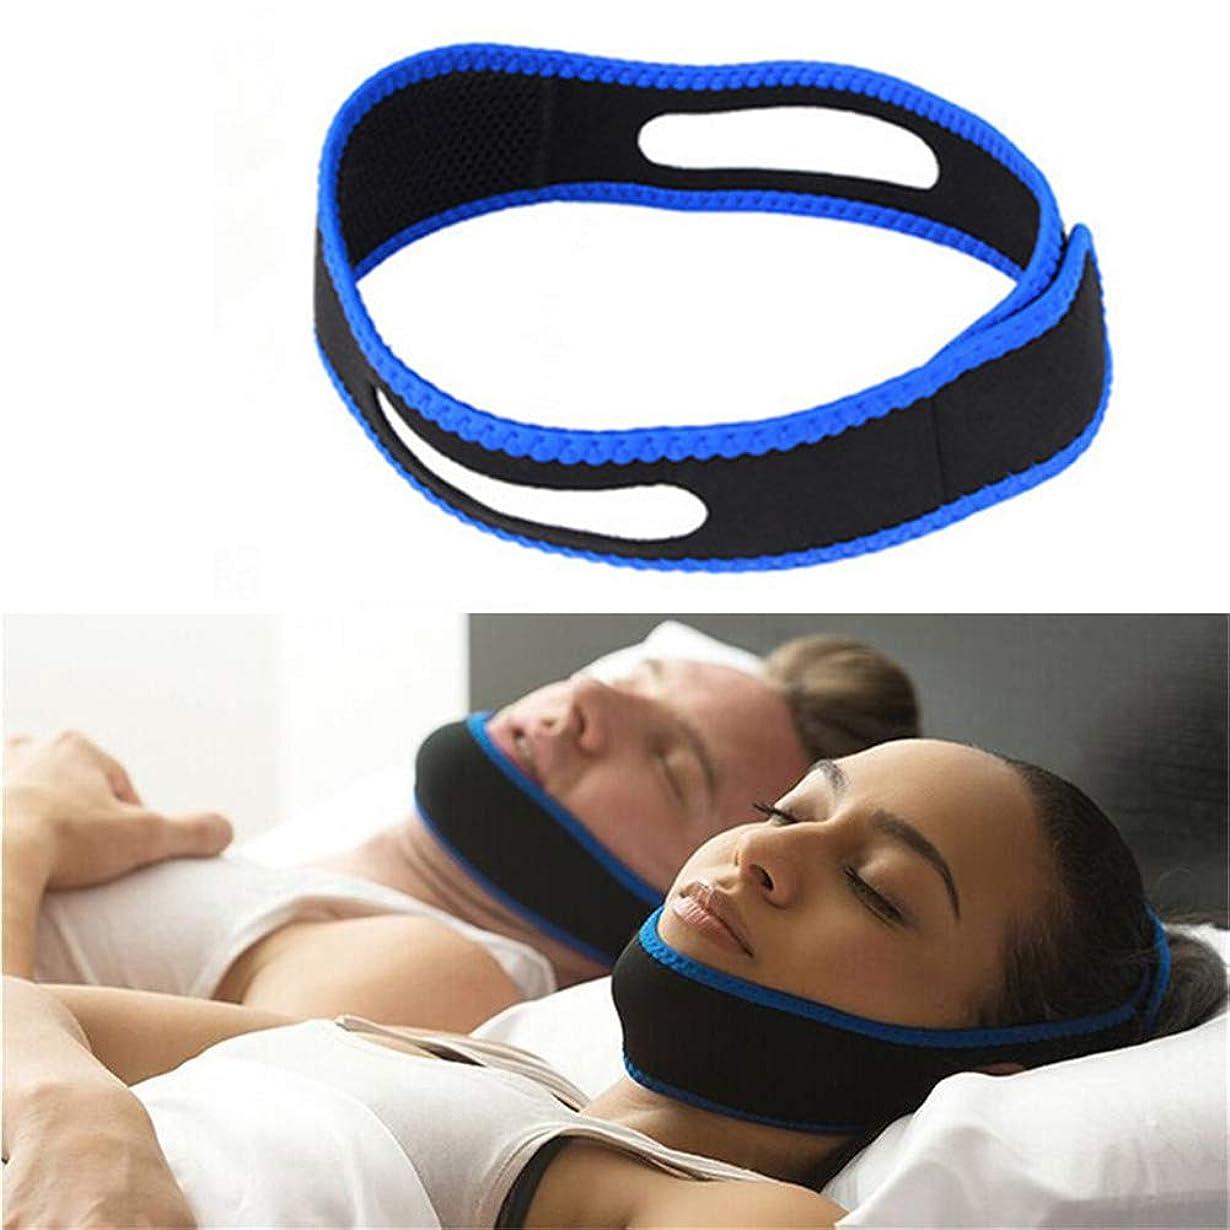 失望させる債権者正規化Angzhili いびき軽減グッズ いびき防止装置 いびき対策グッズ 睡眠補助 快眠サポーター 肌に優しい サイズ調整可能 男女兼用